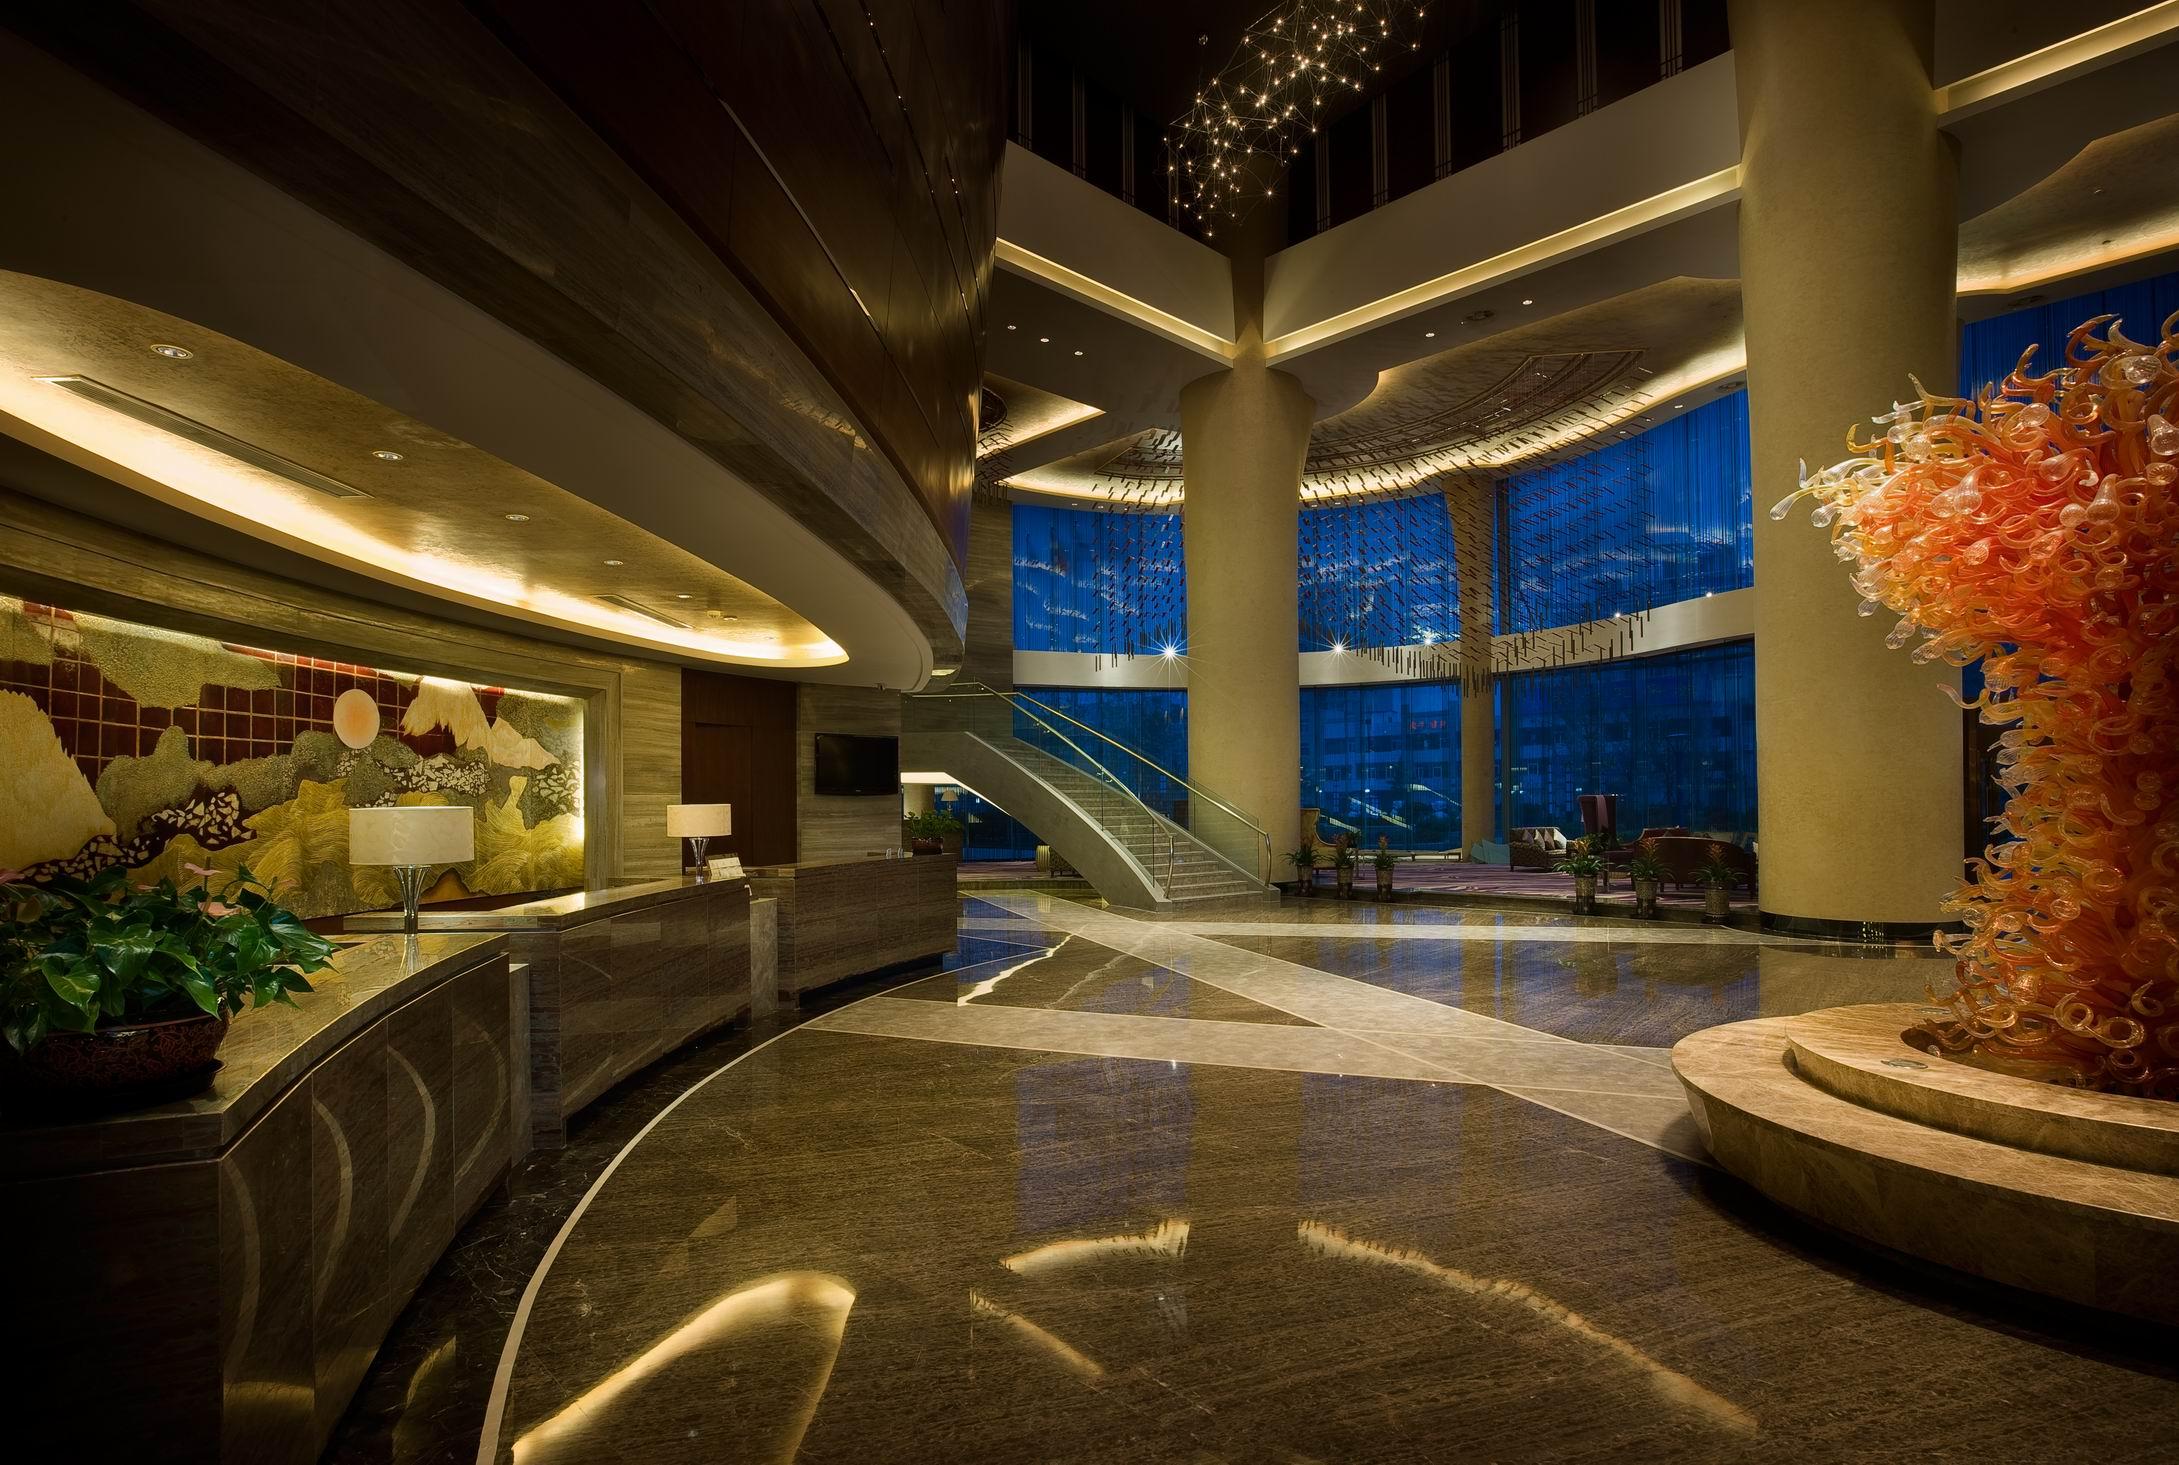 住1晚廊坊阿尔卡迪亚国际酒店多种房型任选+双人营养早餐